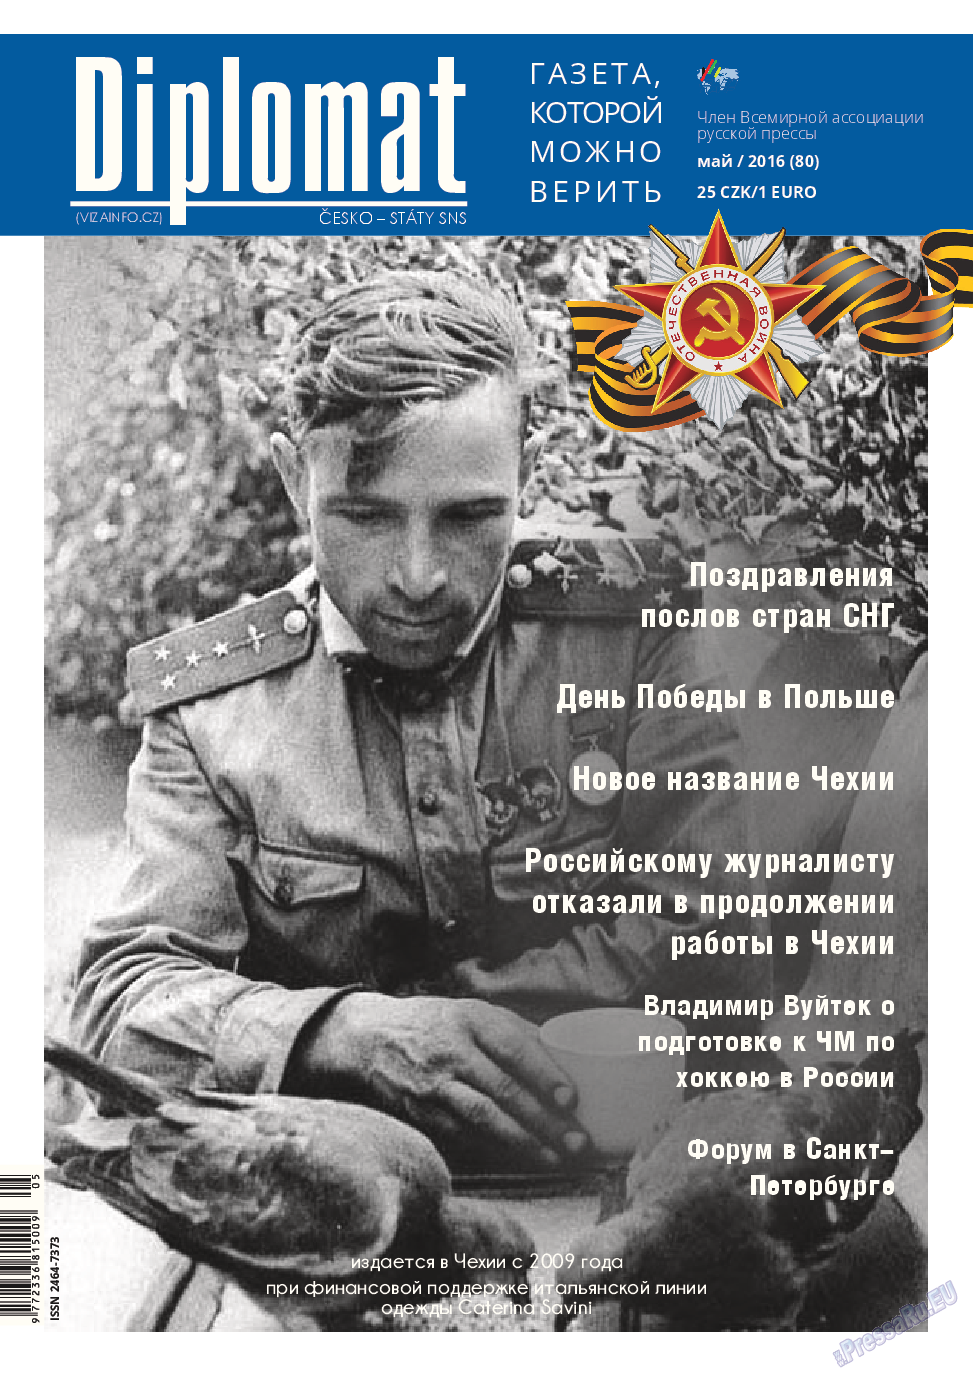 Diplomat (газета). 2016 год, номер 80, стр. 1